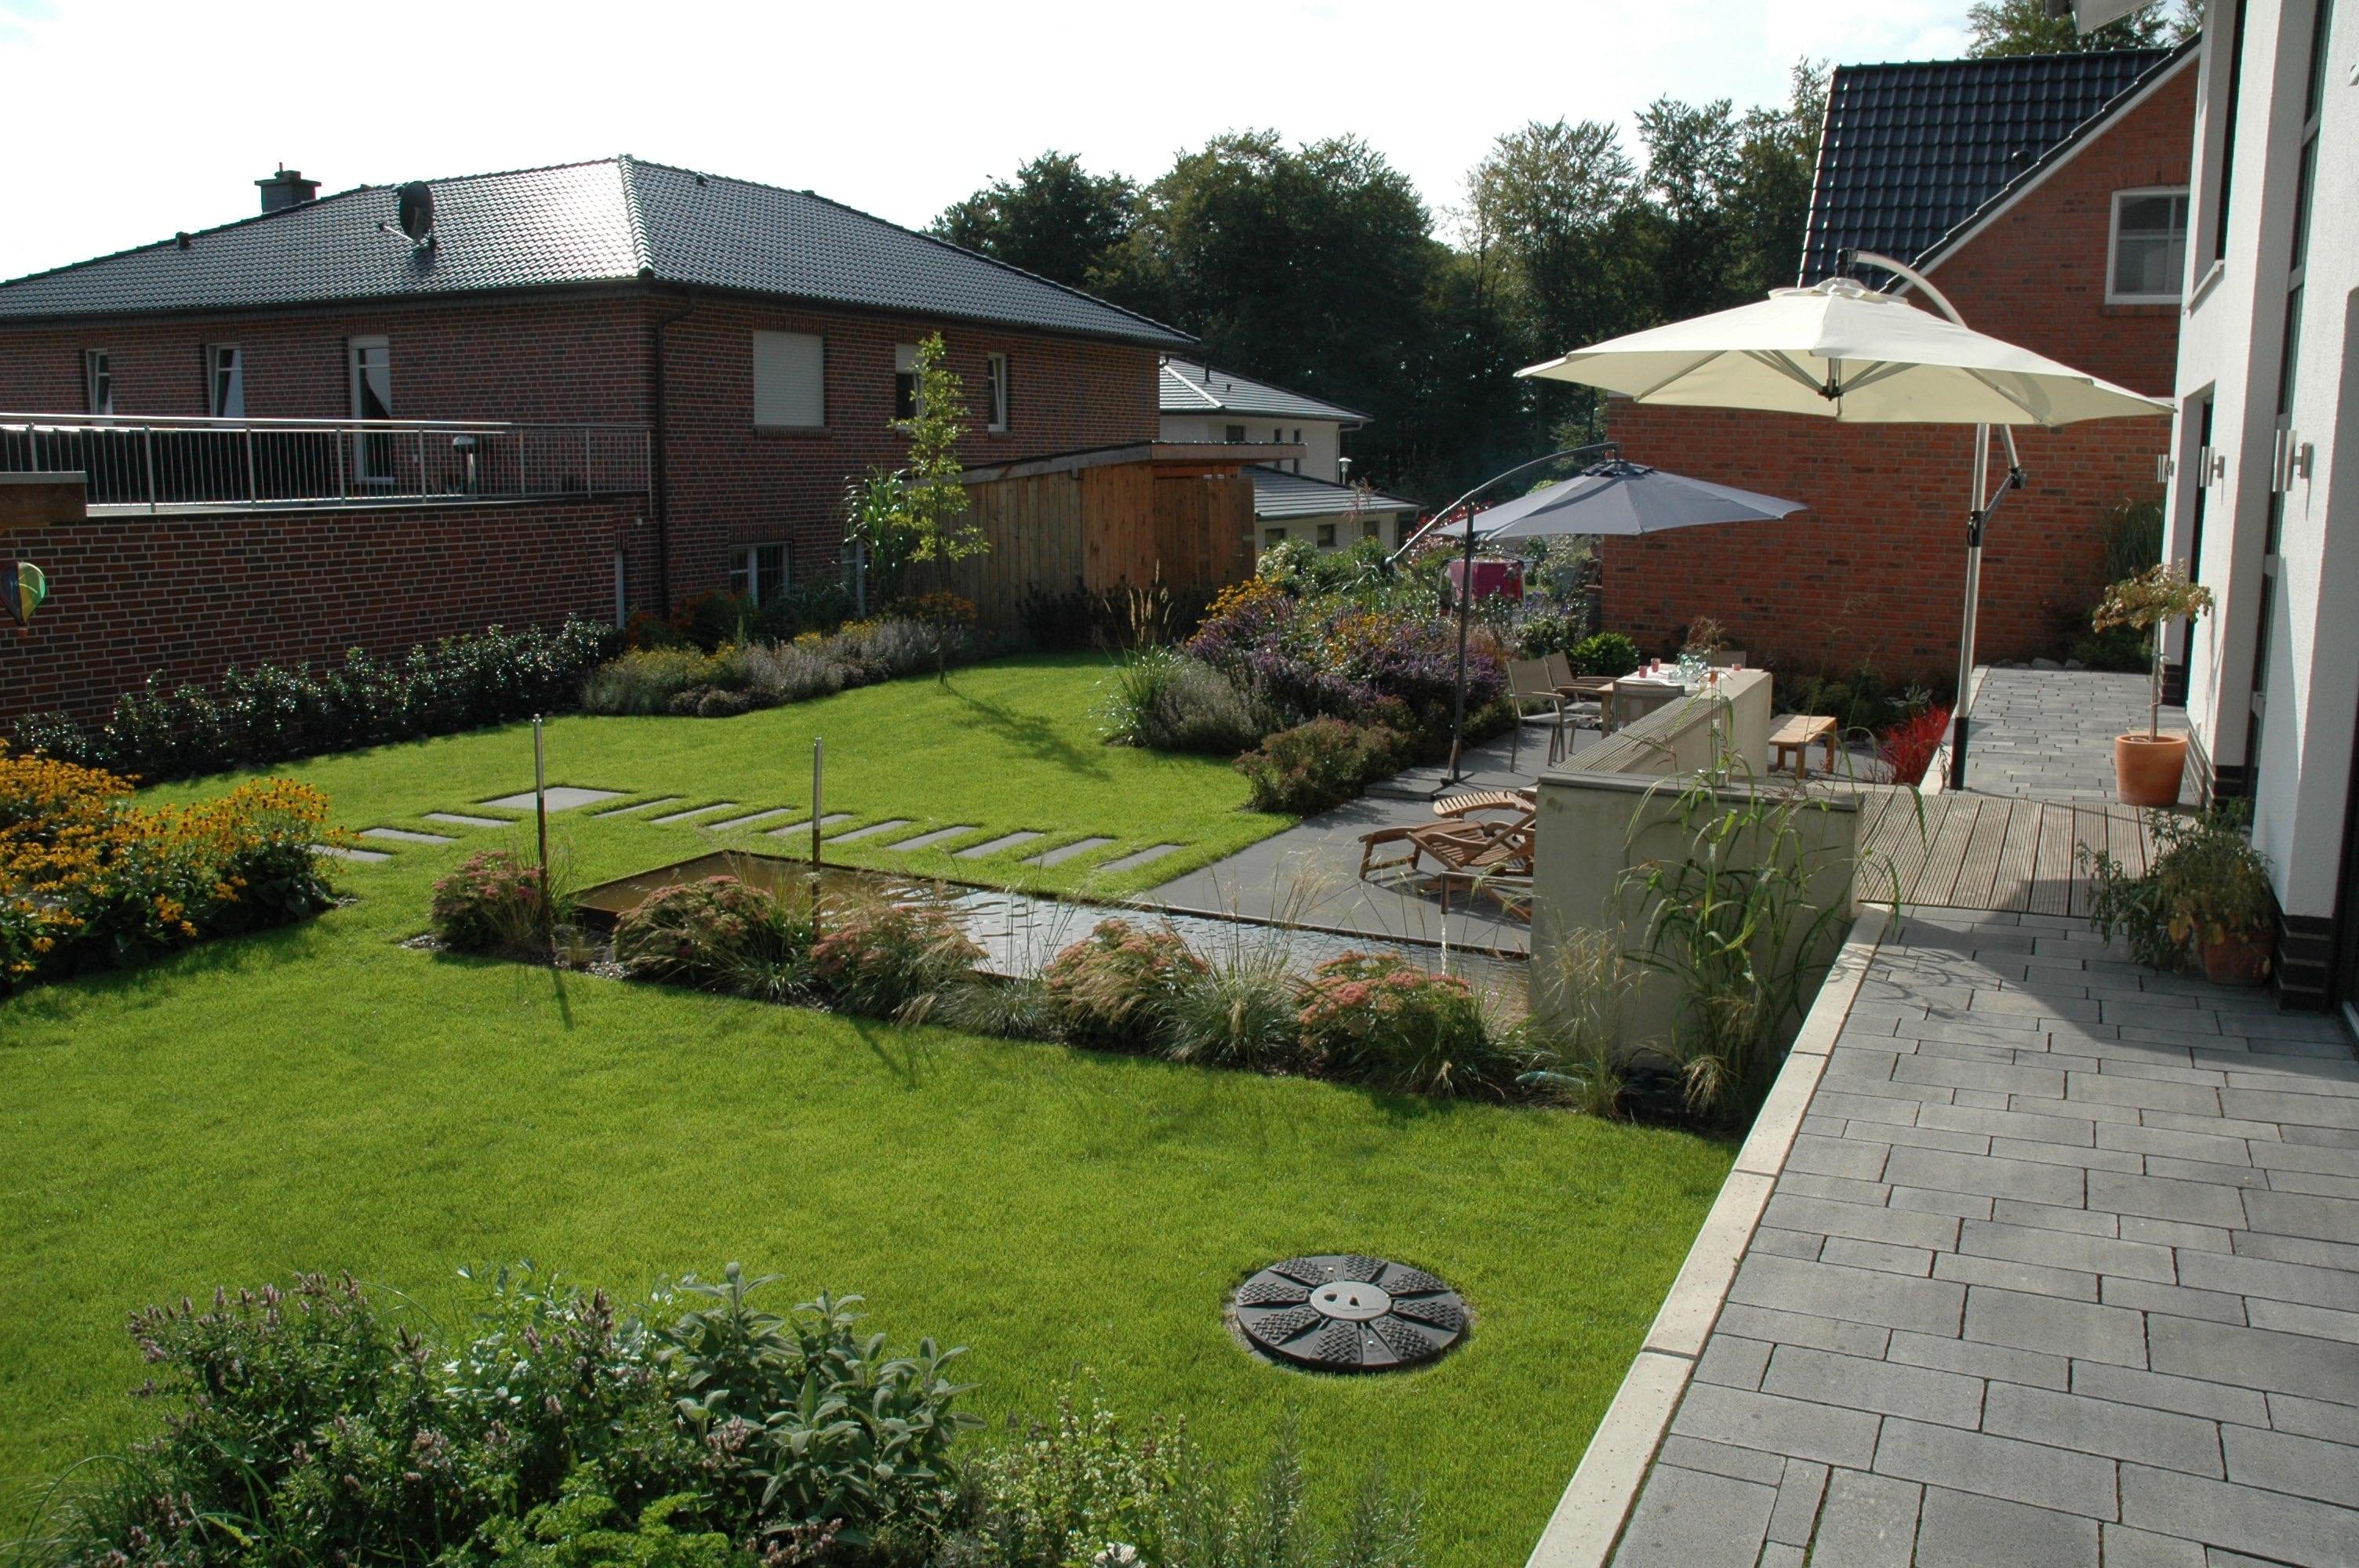 Garten in Kloster Oesede, Georgsmarienhütte